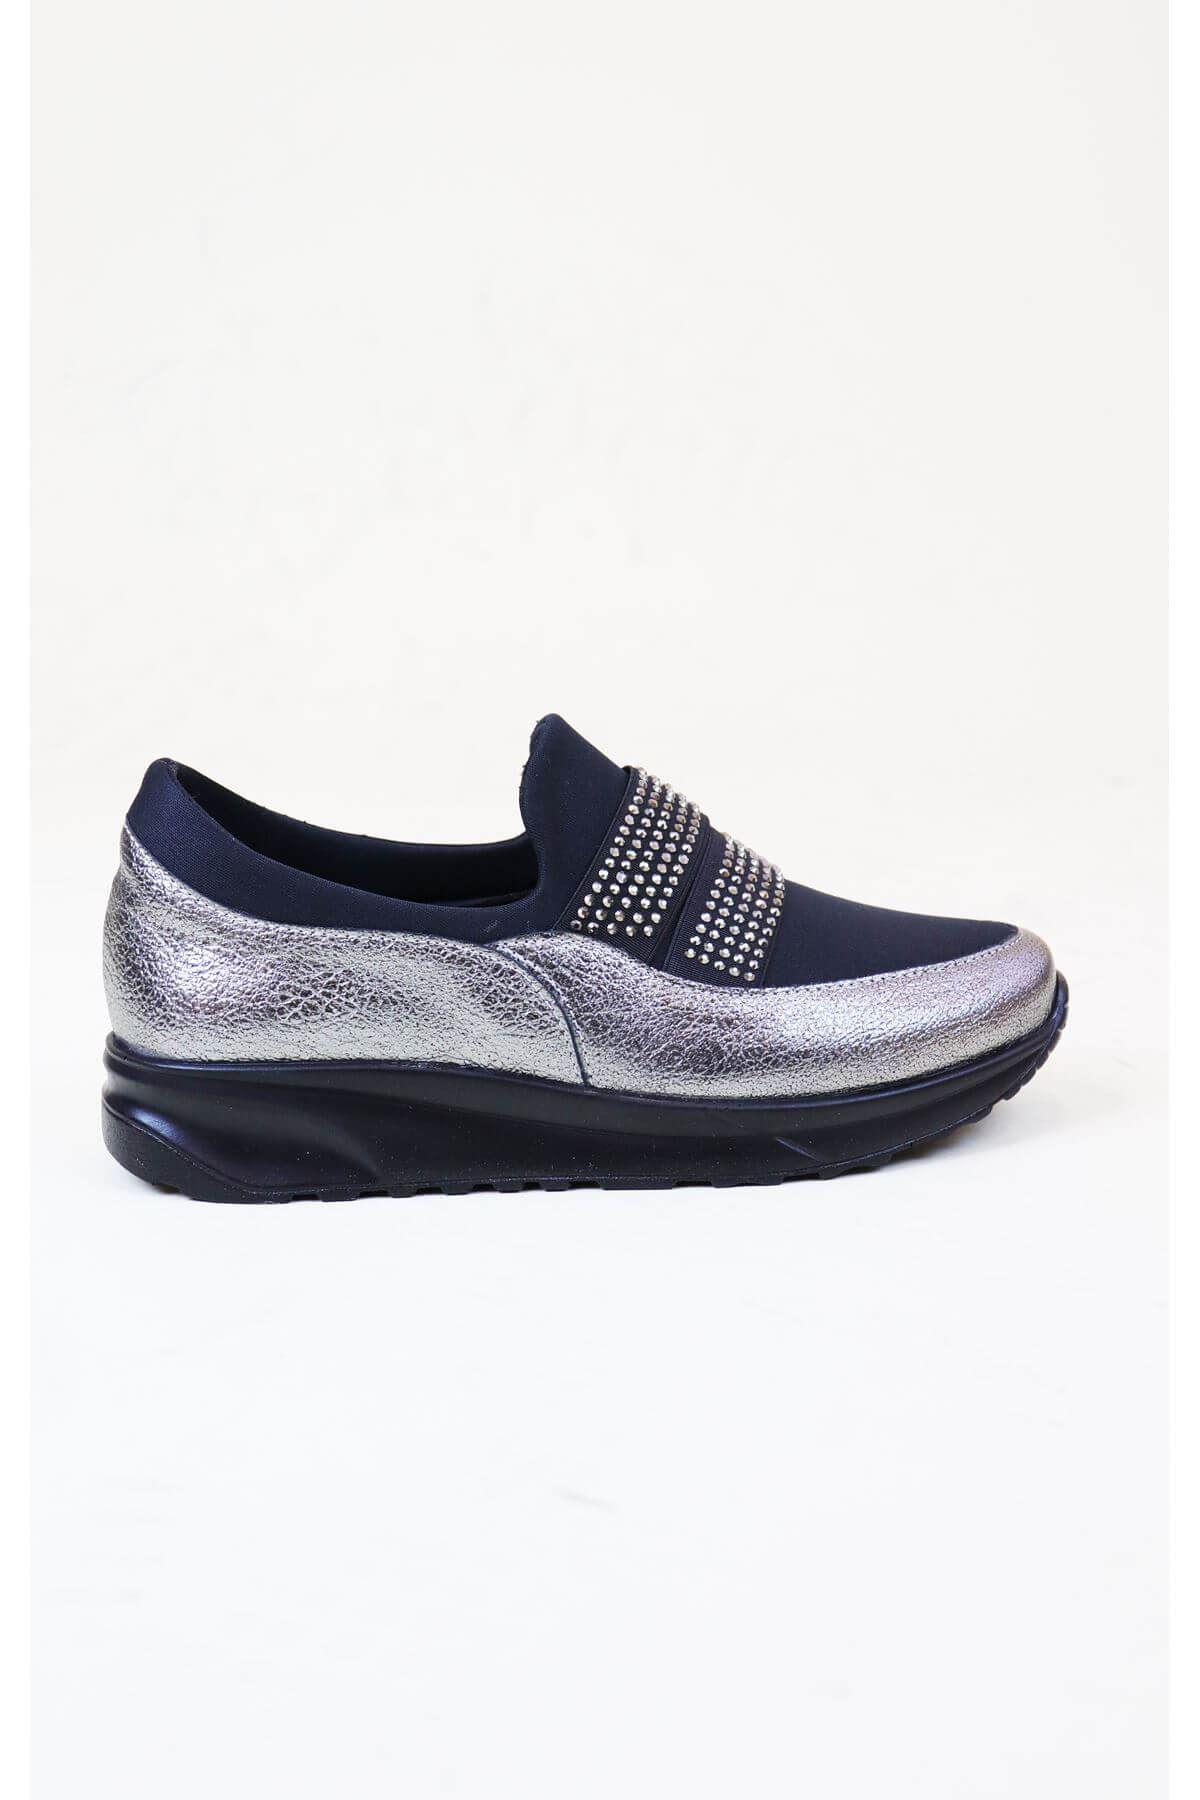 Trend Ayakkabı 1012 Siyah Kadın Düz Ayakkabı